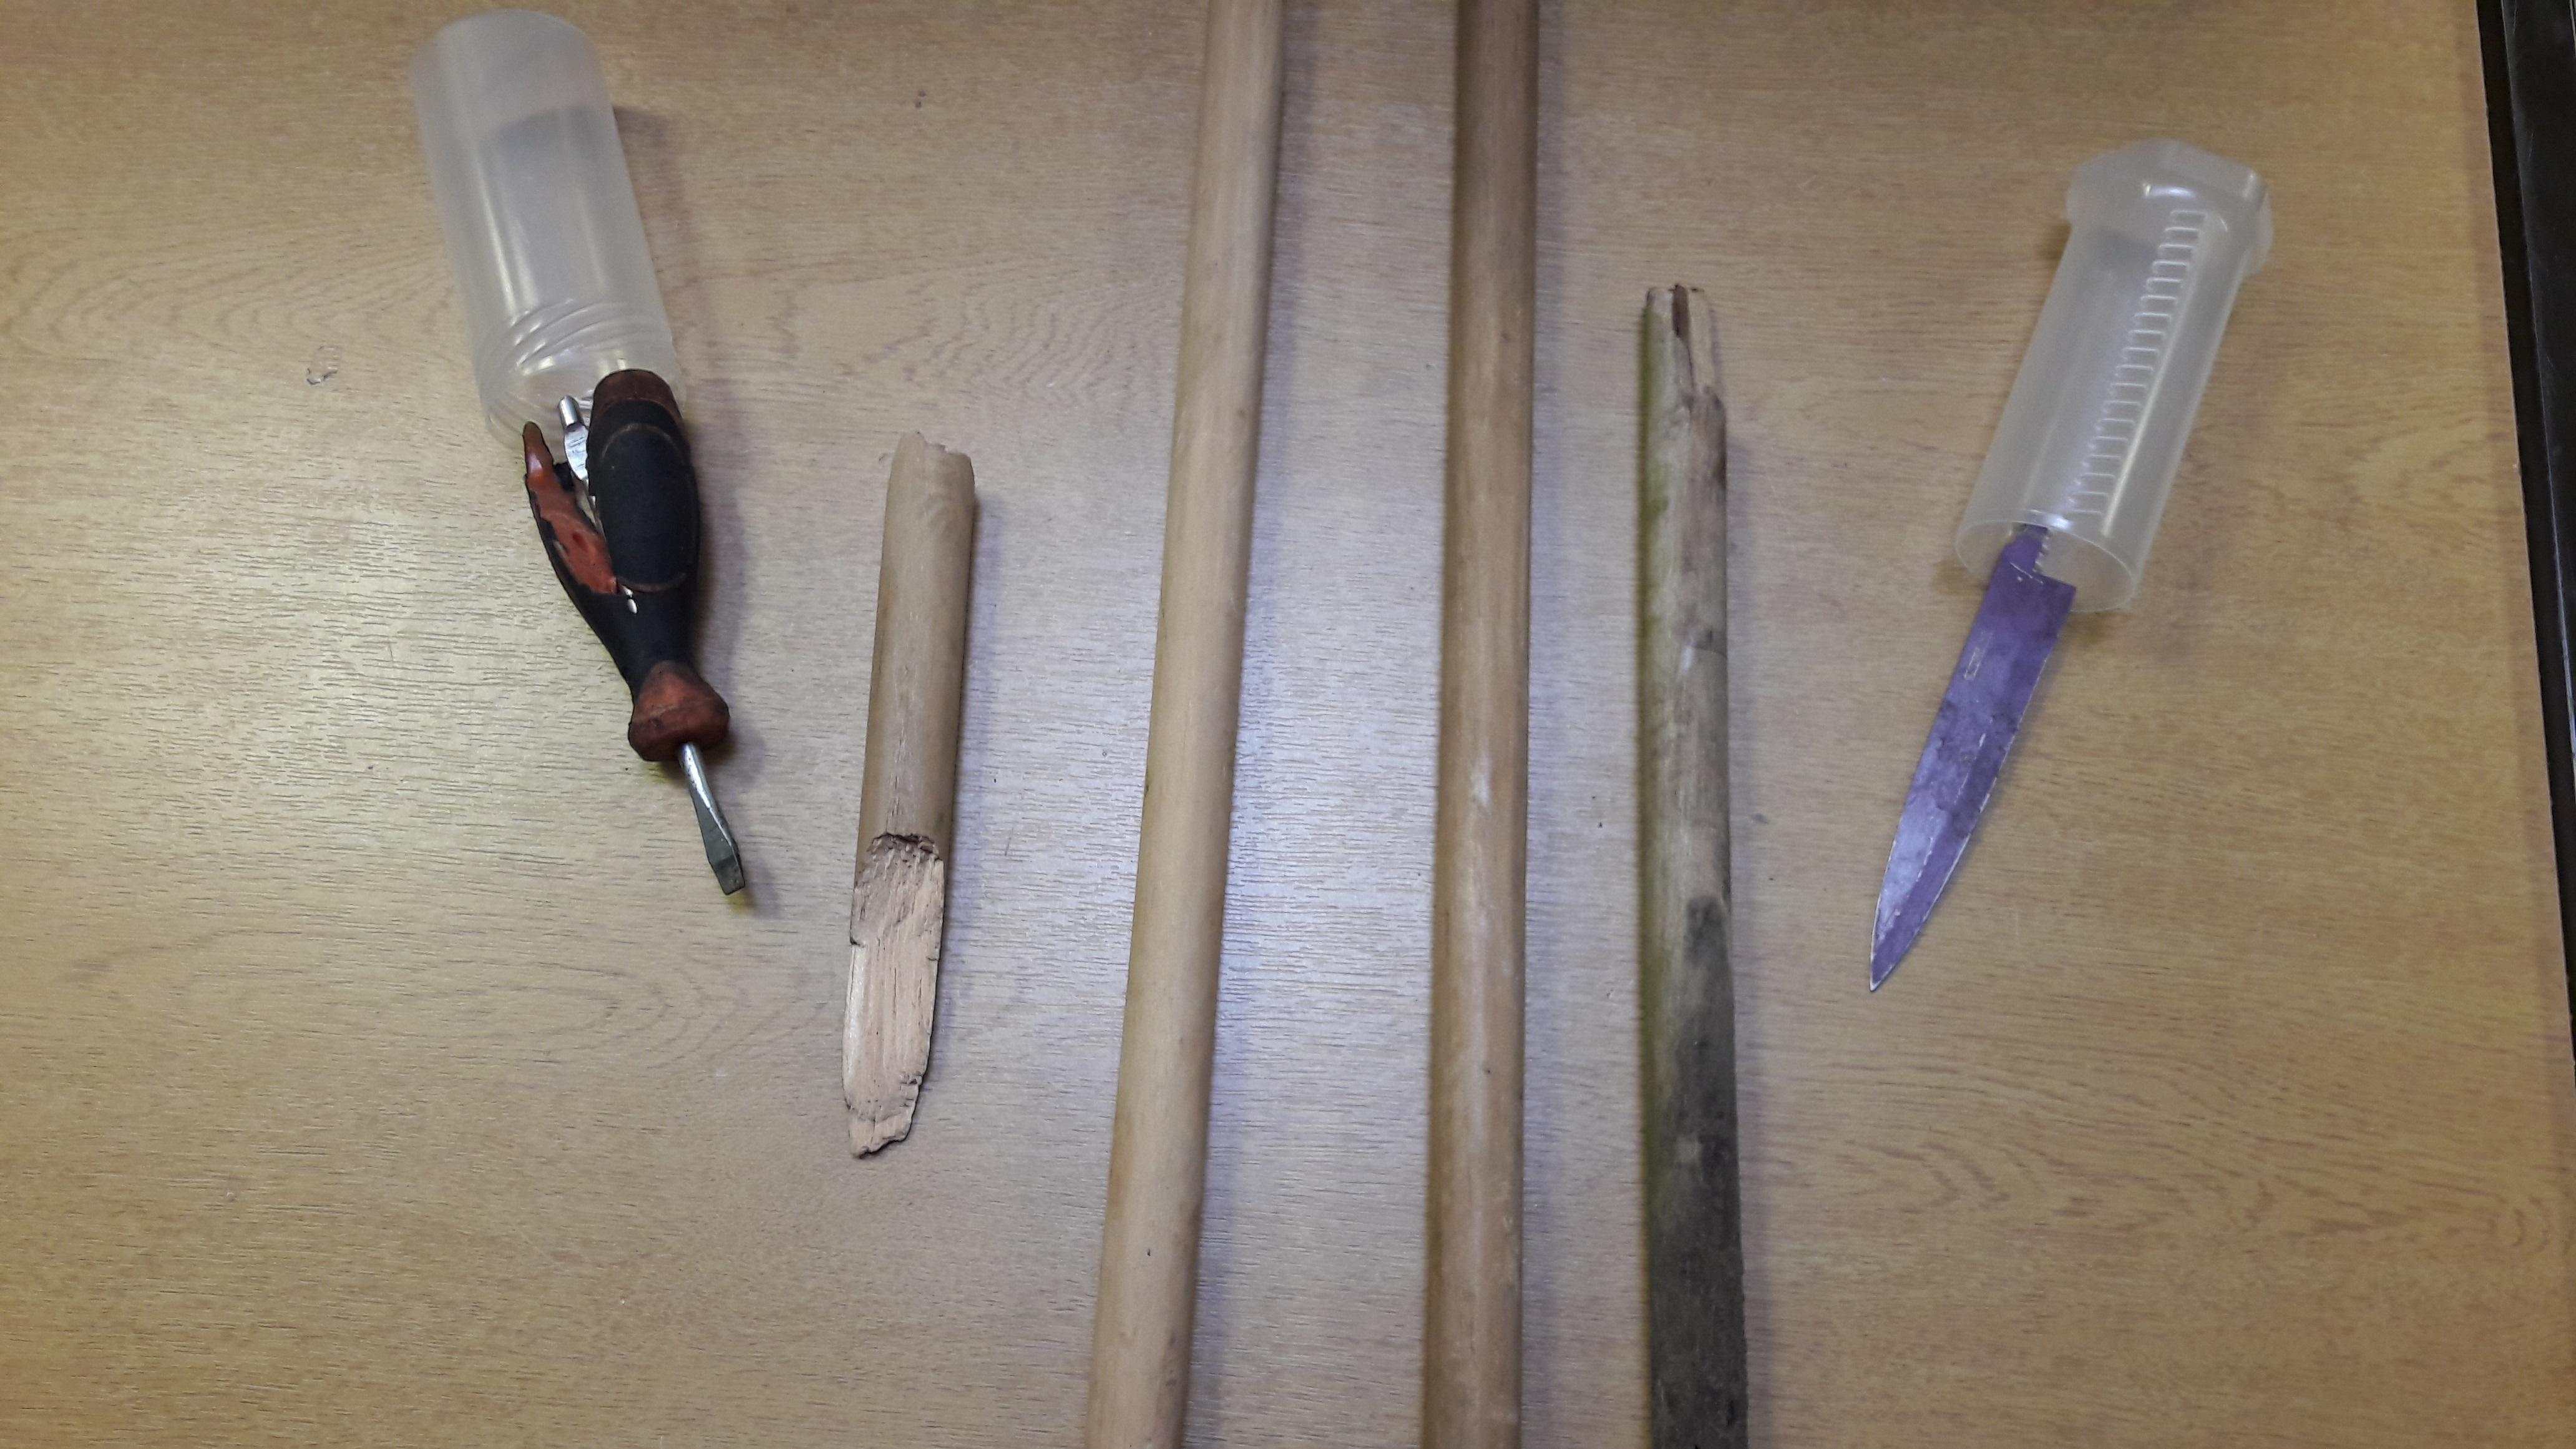 Jubilee park weapons